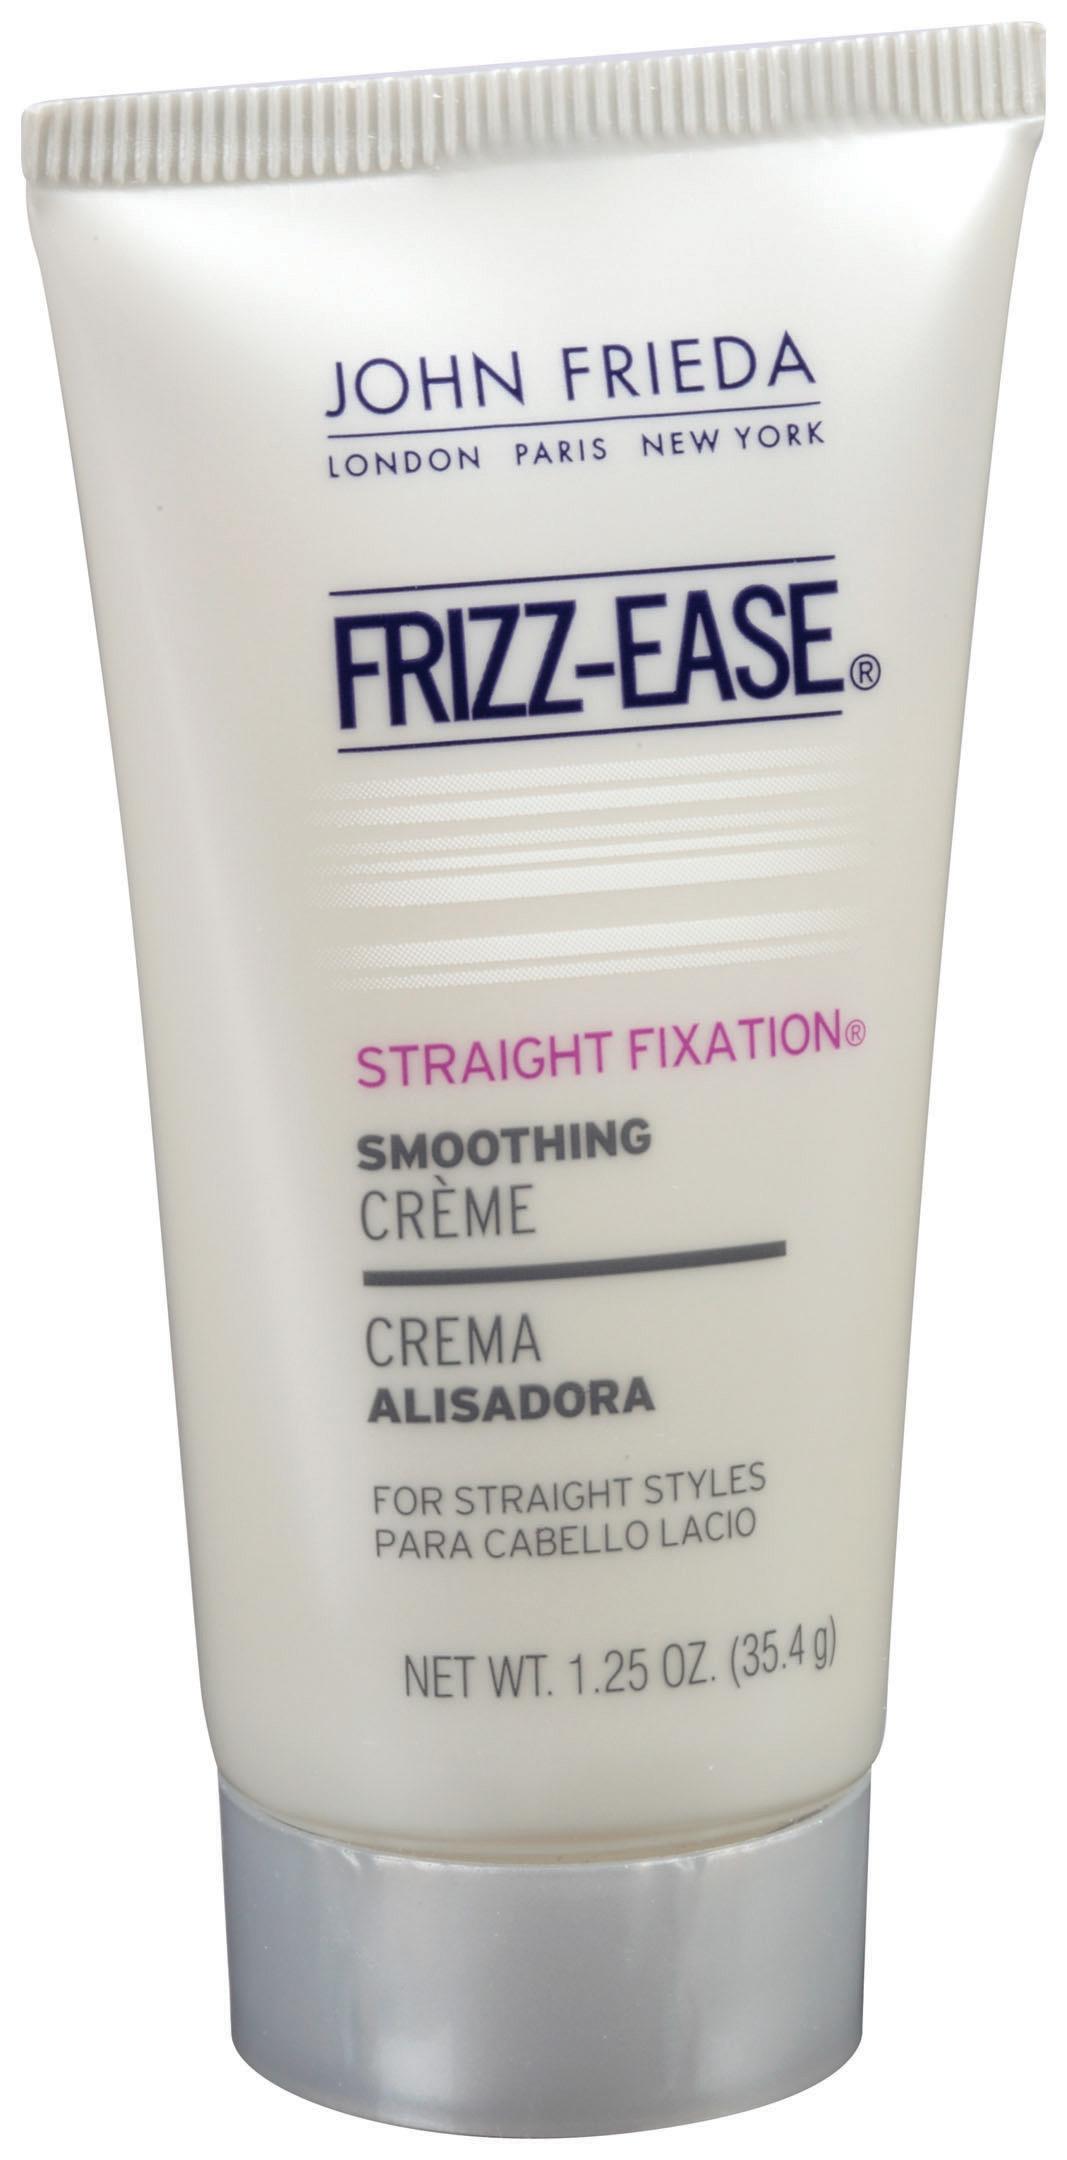 John Freida Frizz Ease® Straight Fixation® Smoothing Creme 1.25 oz. Tube